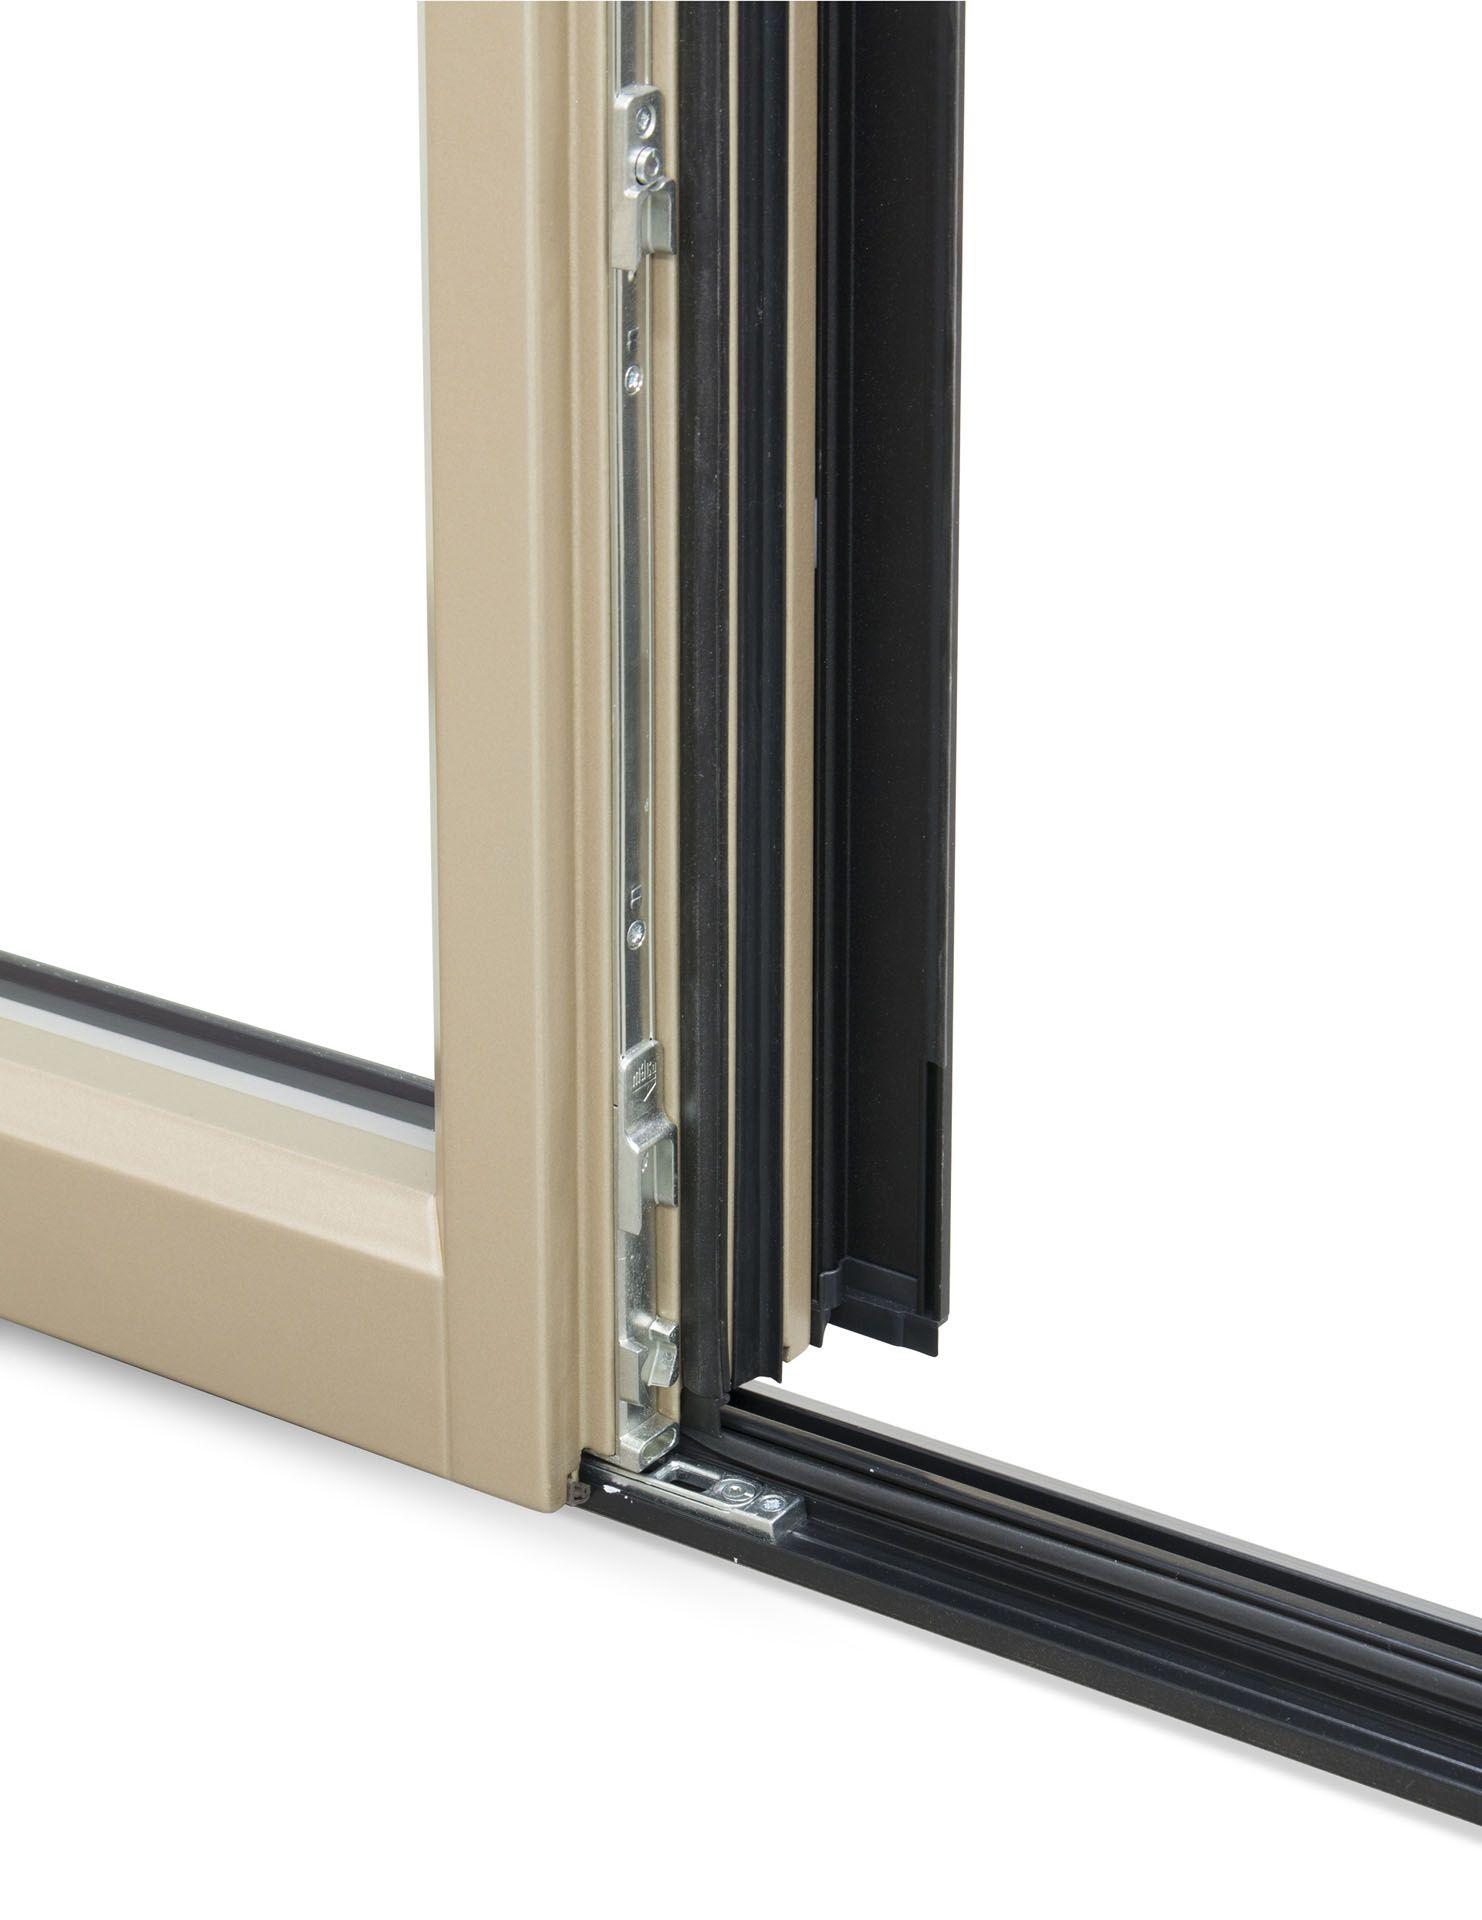 City porta finestra scorrevole by navello - Condensa su finestre in alluminio ...